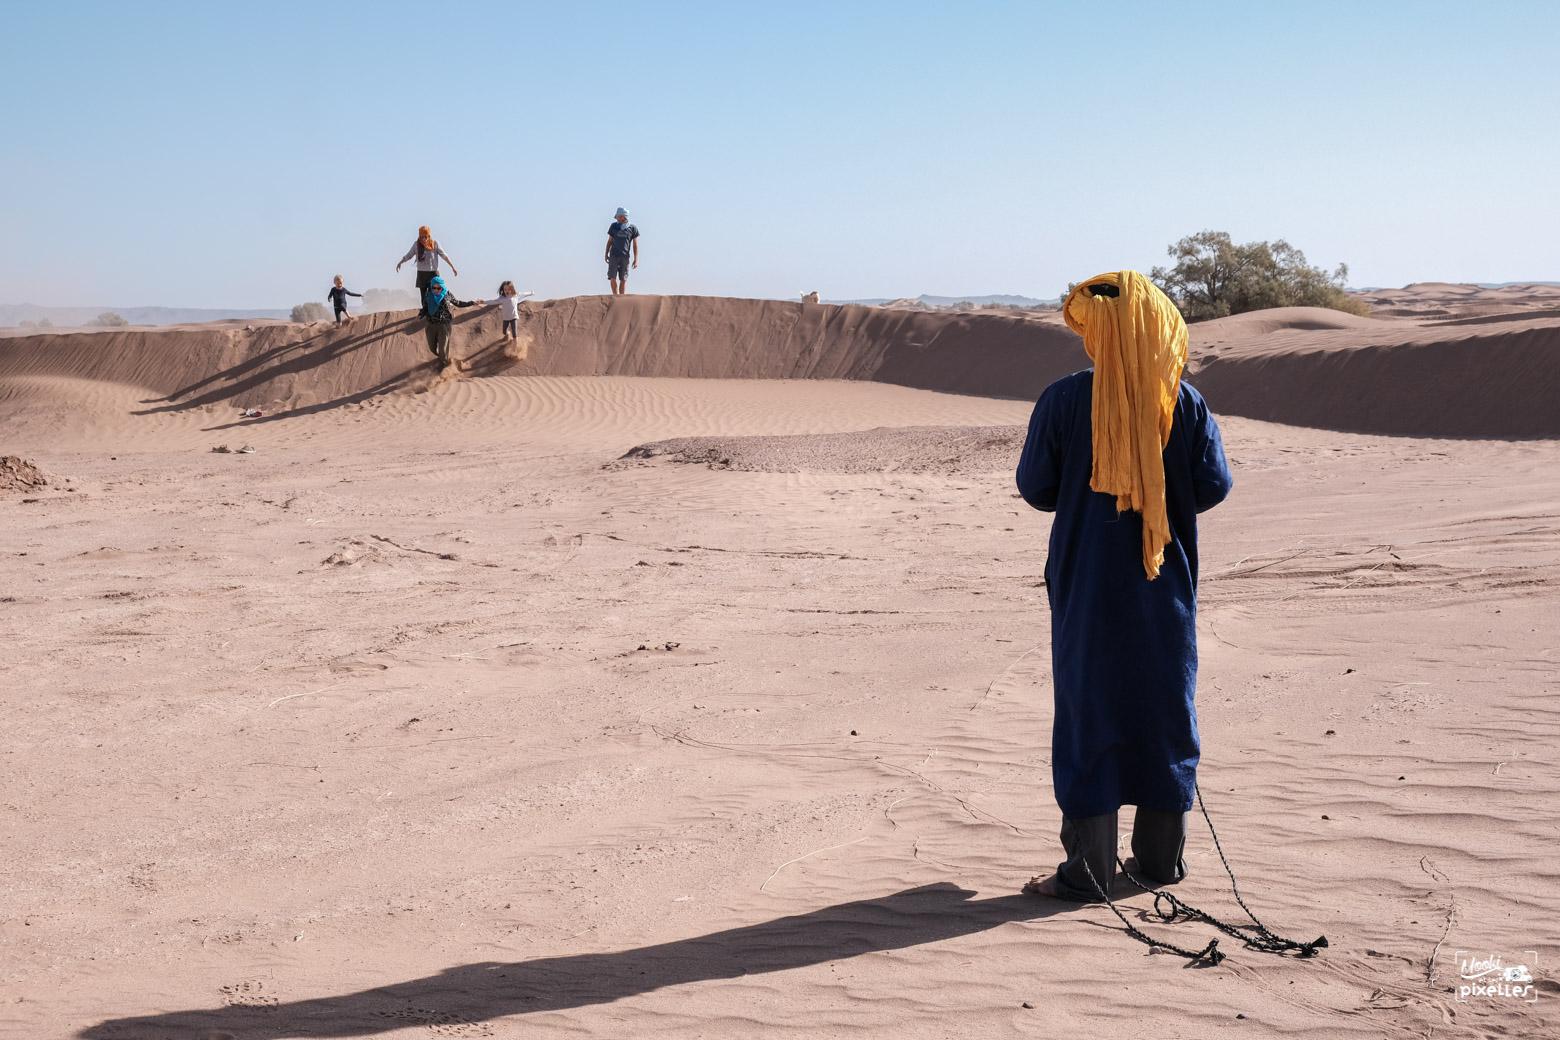 Des gens heureux au milieu du désert